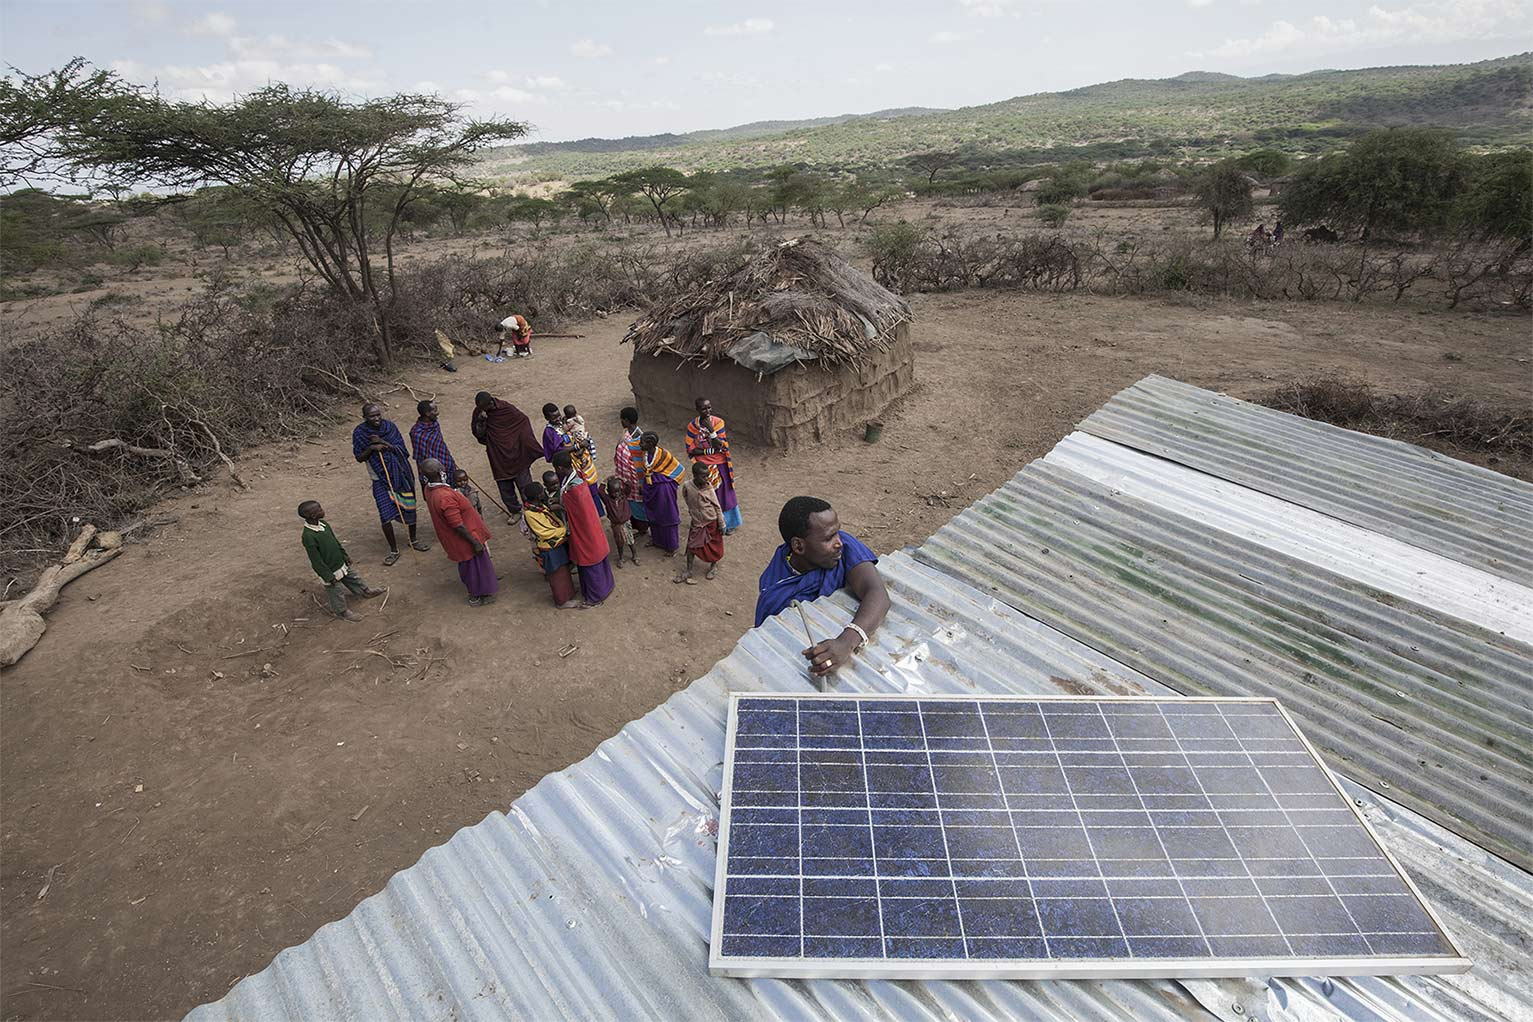 Un pastore masai installa un impianto ad enerigia solare in Africa. Reportage di Marco Garofalo.